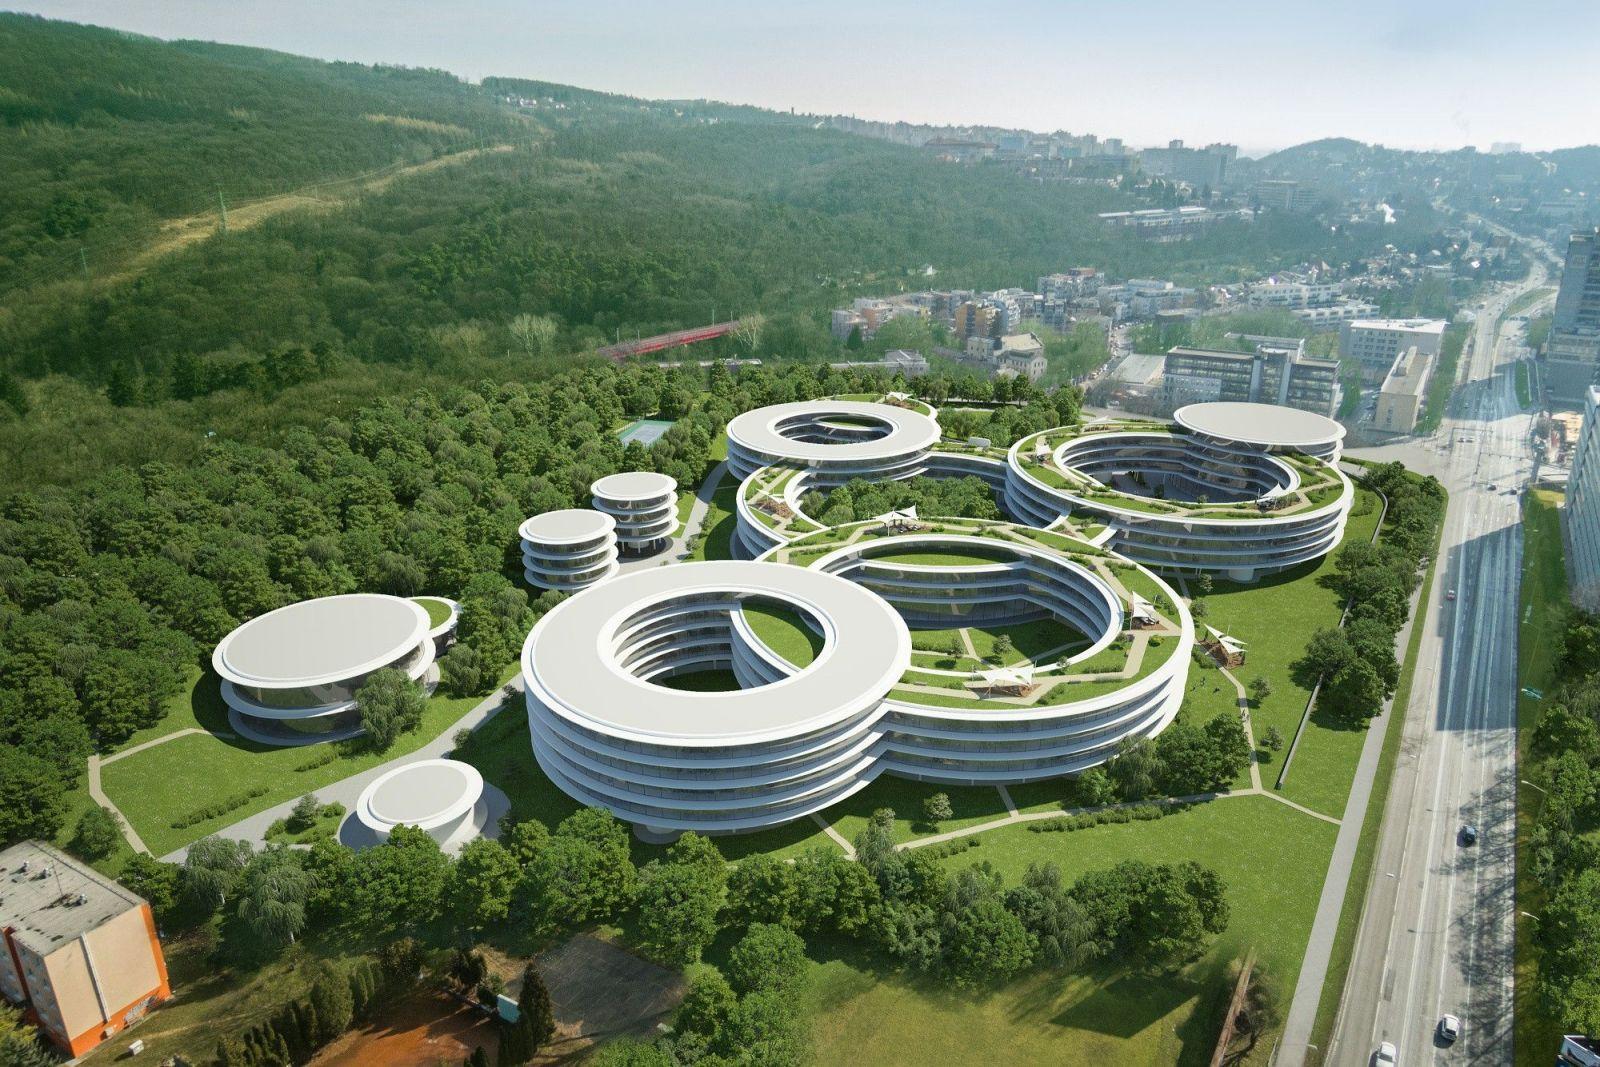 Eset predstavil koncept slovenskej verzie Silicon Valley, chce investovať 100 miliónov eur